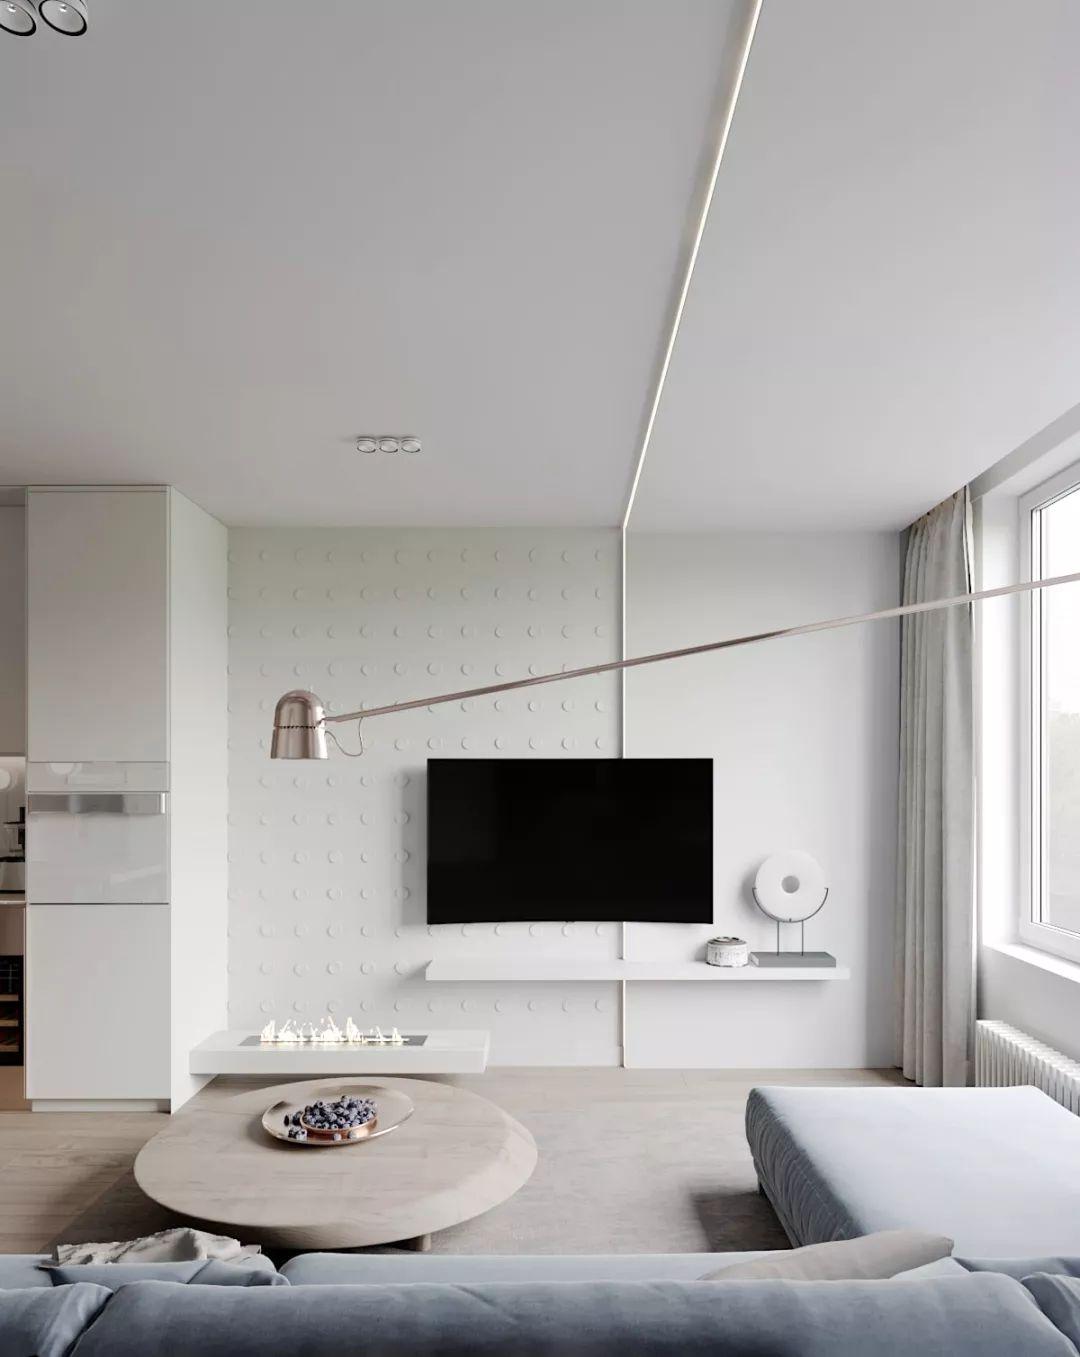 简约 现代 混搭 鹏友百年 半包 全包 全案设计 客厅图片来自鹏友百年装饰在一家三口的幸福蓝的分享